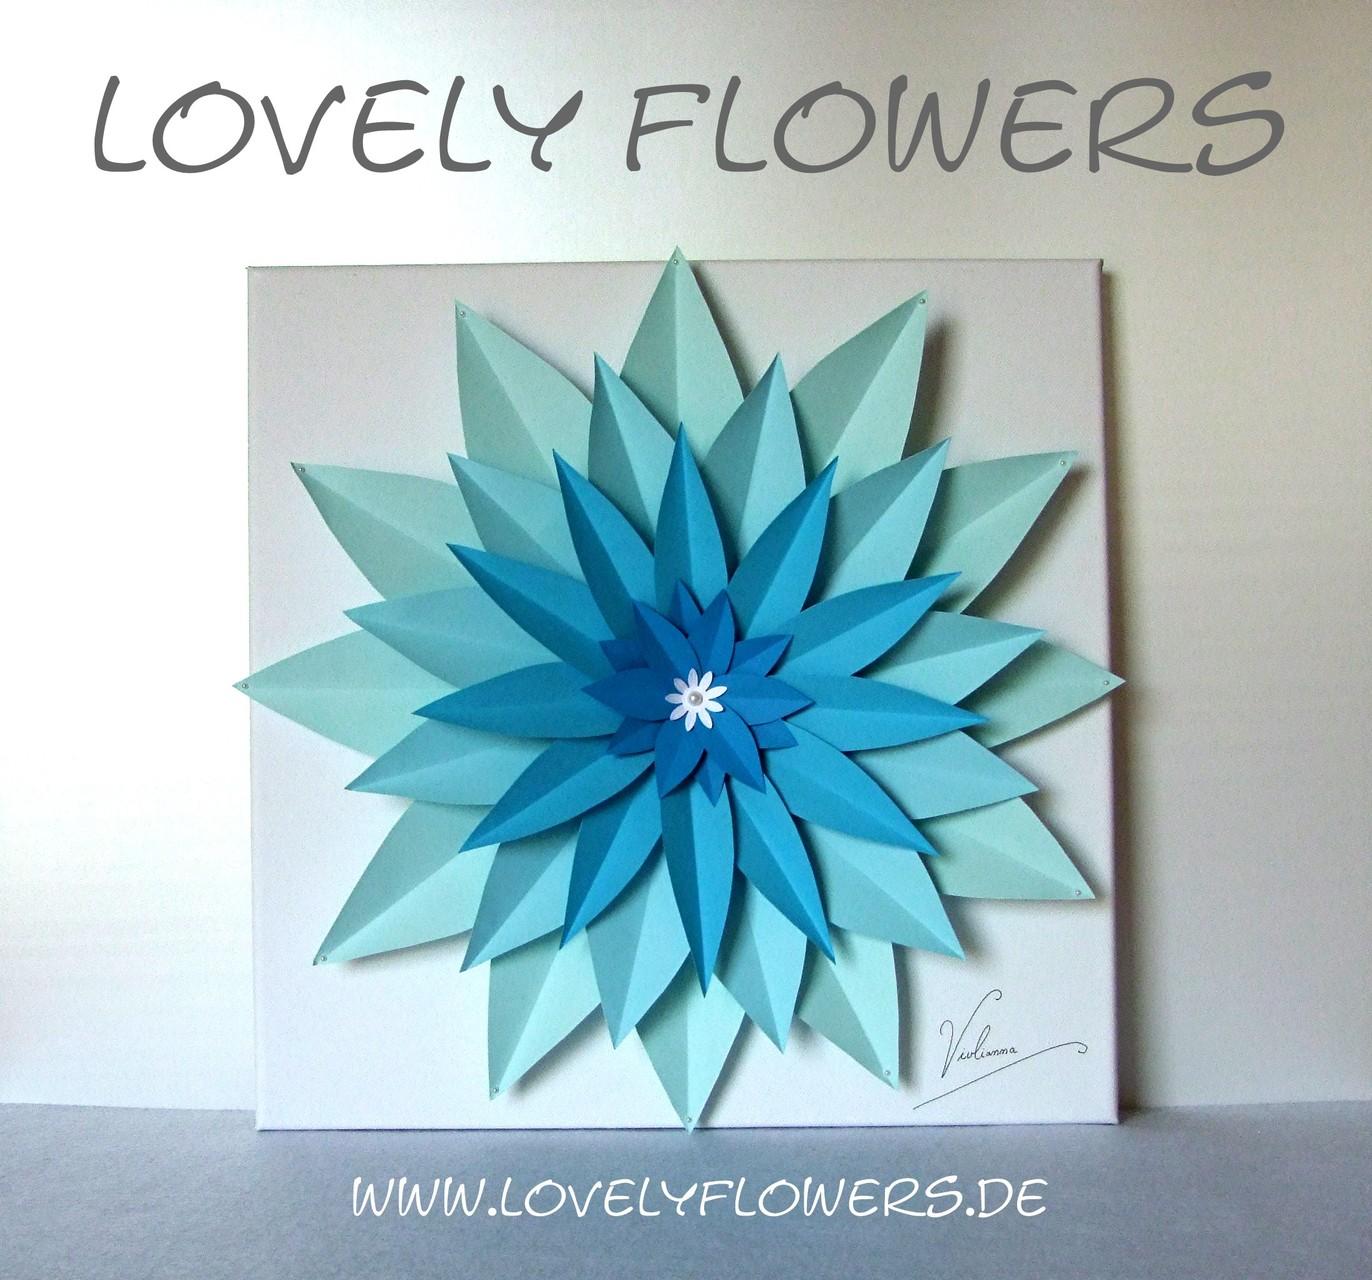 www.lovelyflowers.de - Dein Spezialist für dekorative PAPER-ART Blumenbilder in vielen Varianten!